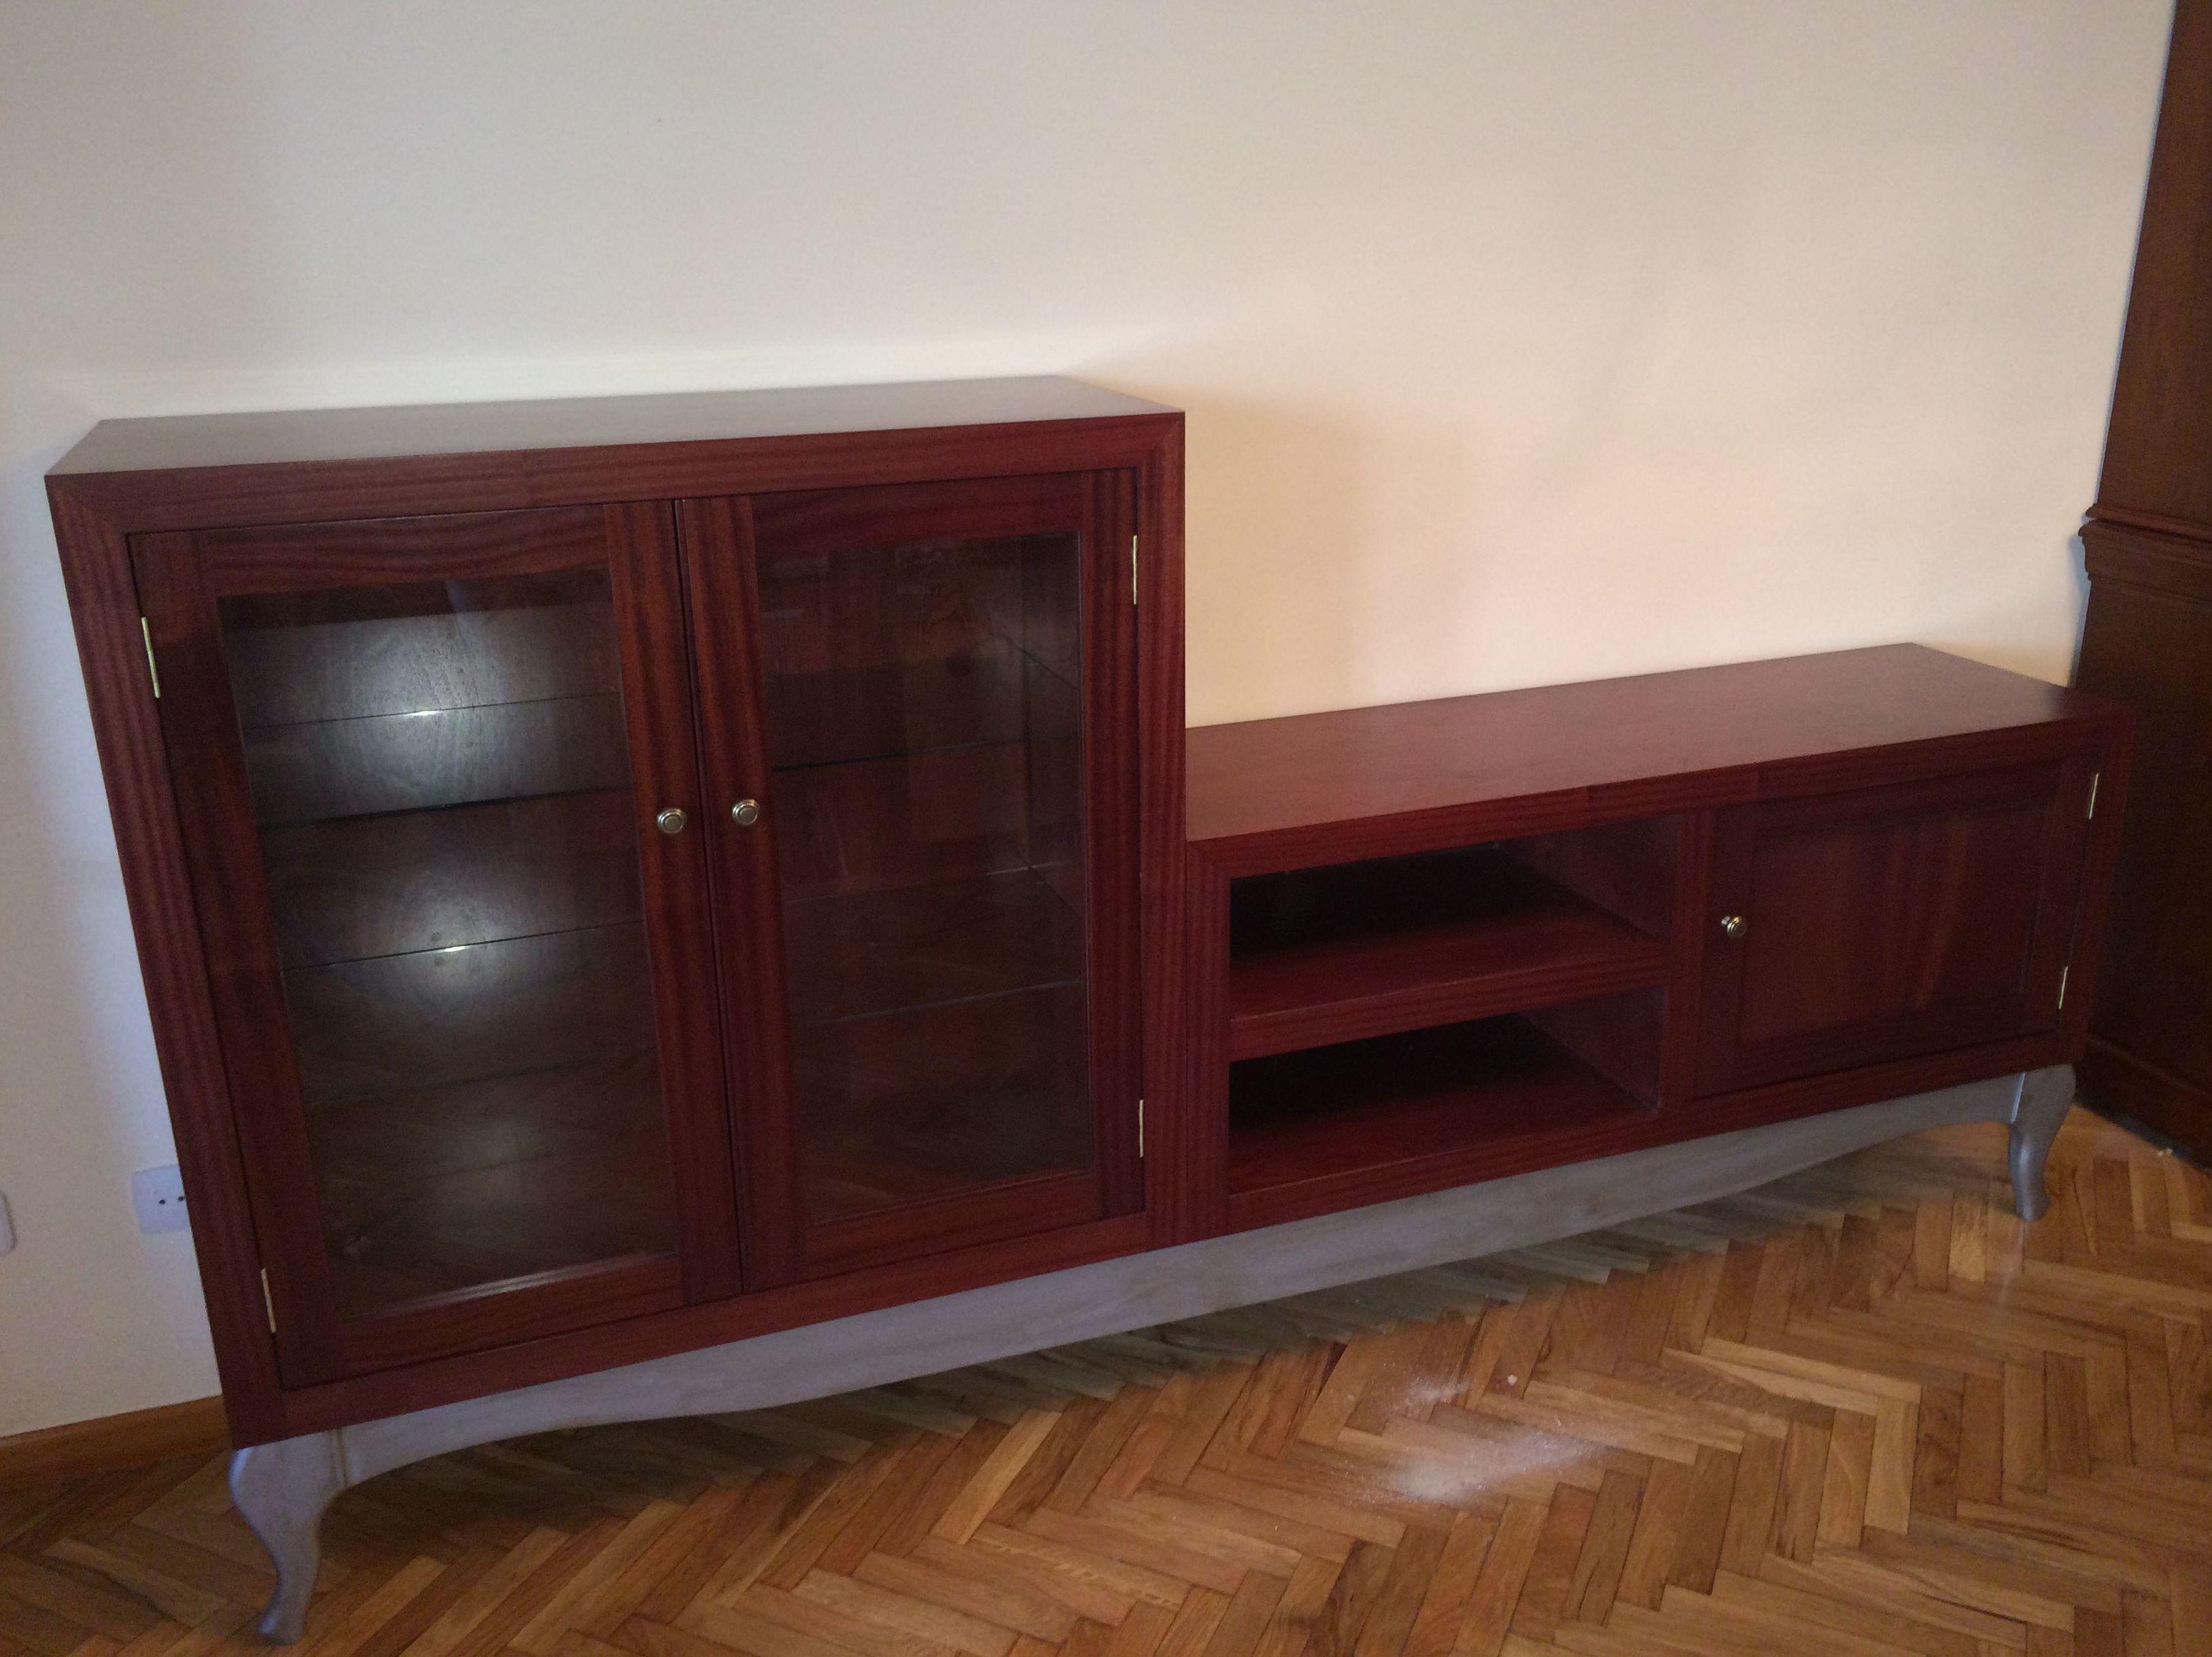 Muebles a medidas personaliza tu saln con muebles a - Muebles moreno talavera ...